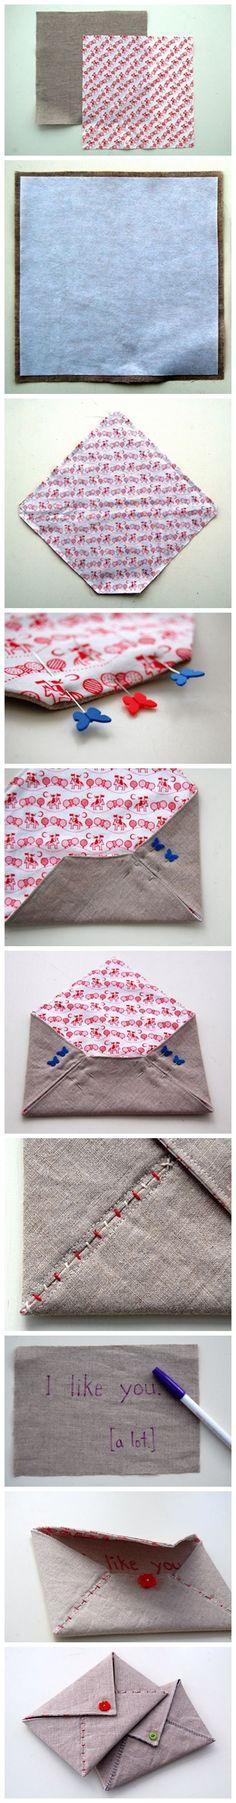 给喜欢的人做个信封包吧http://www.douban.com/photos/photo/1120355104/  Fabriquer une enveloppe